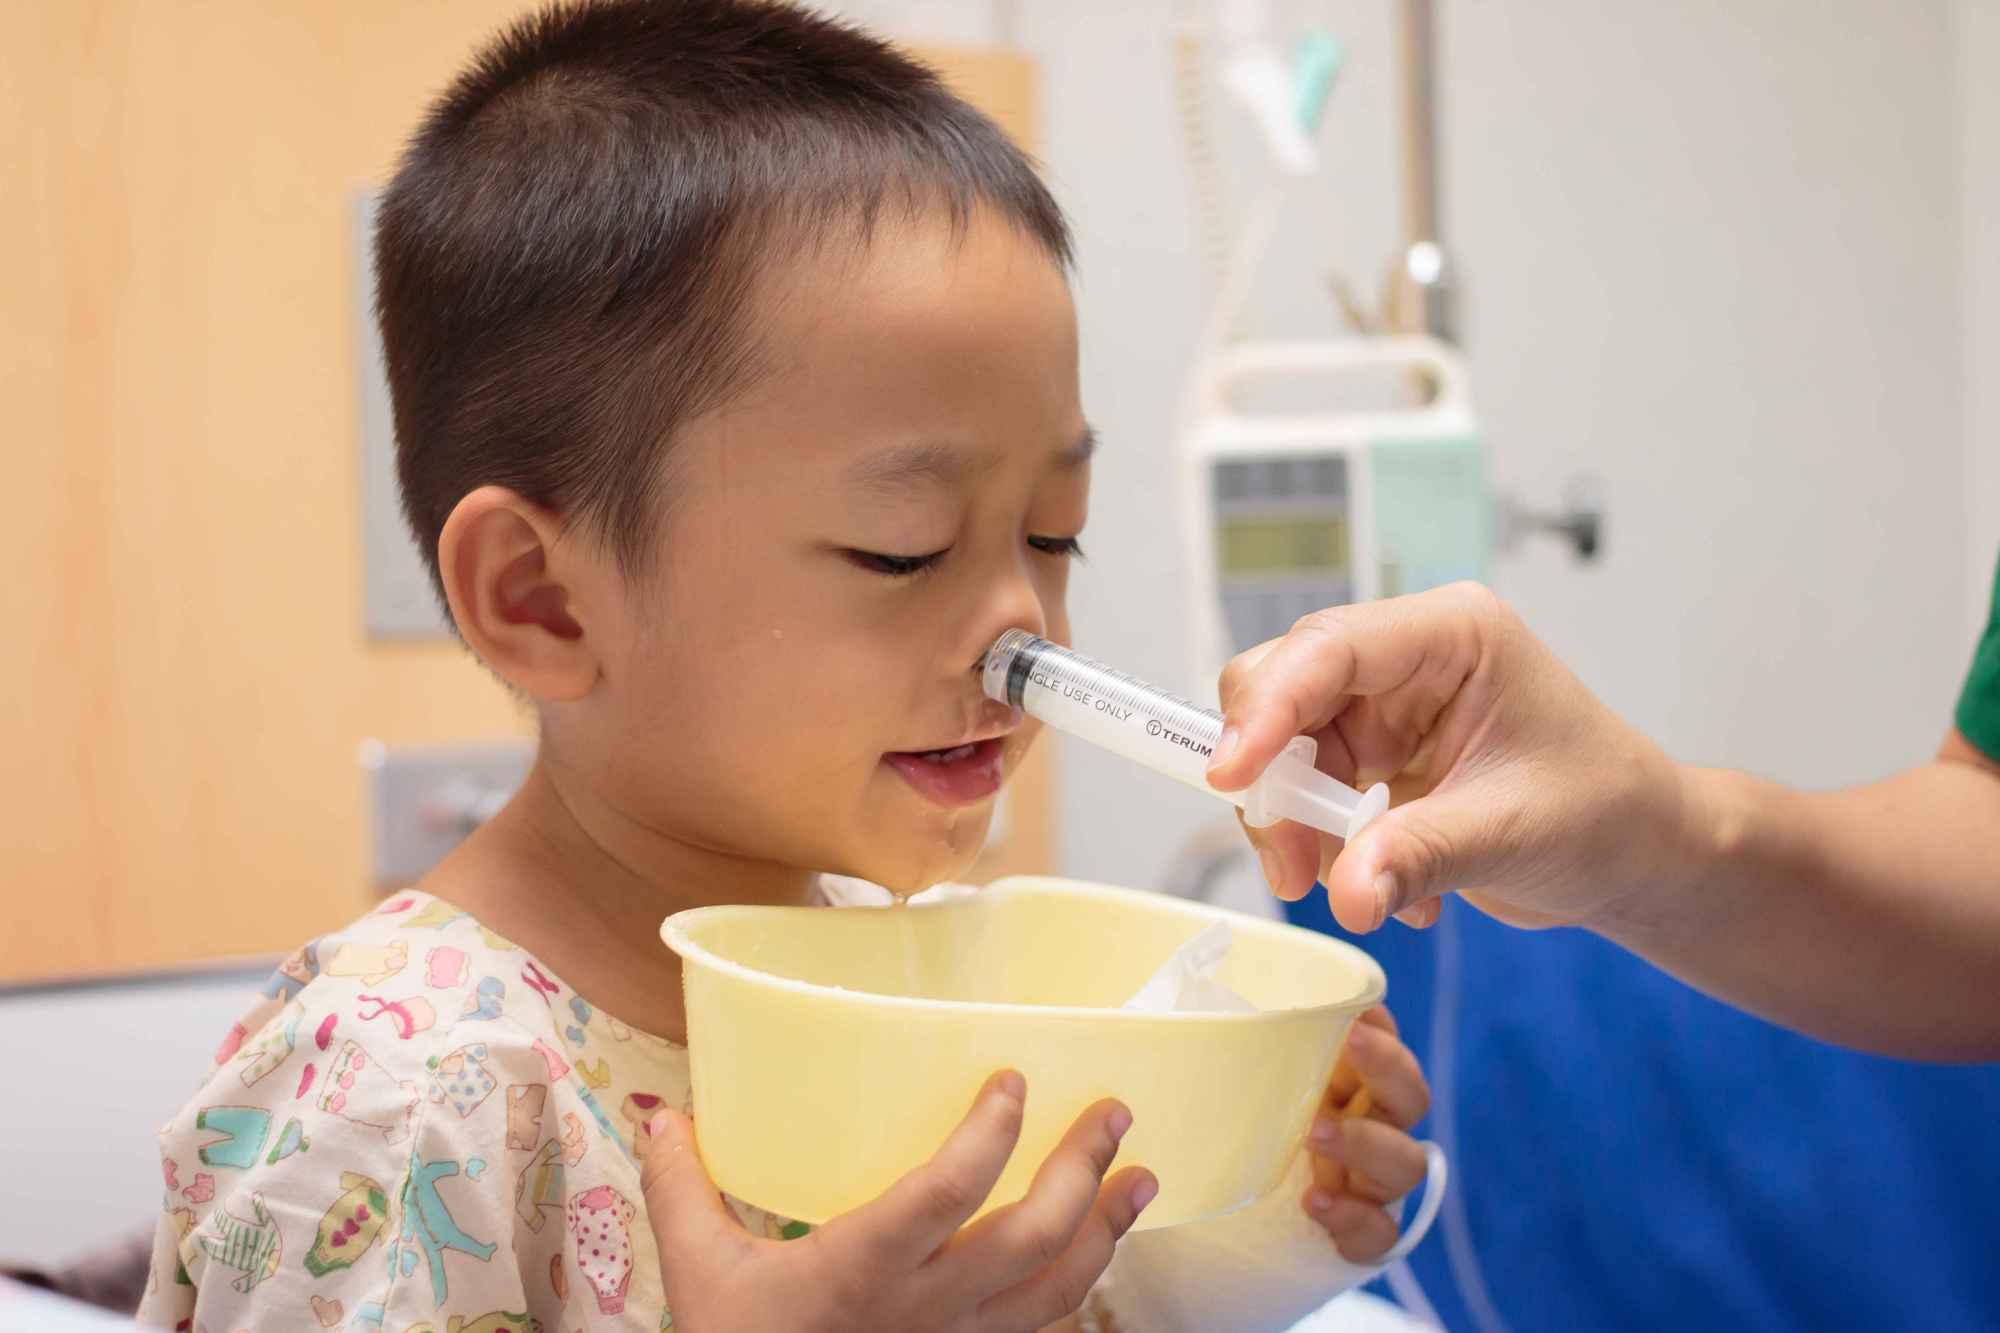 鼻炎患者为什么要用生理盐水洗鼻,这3个疗效,患者比较受用